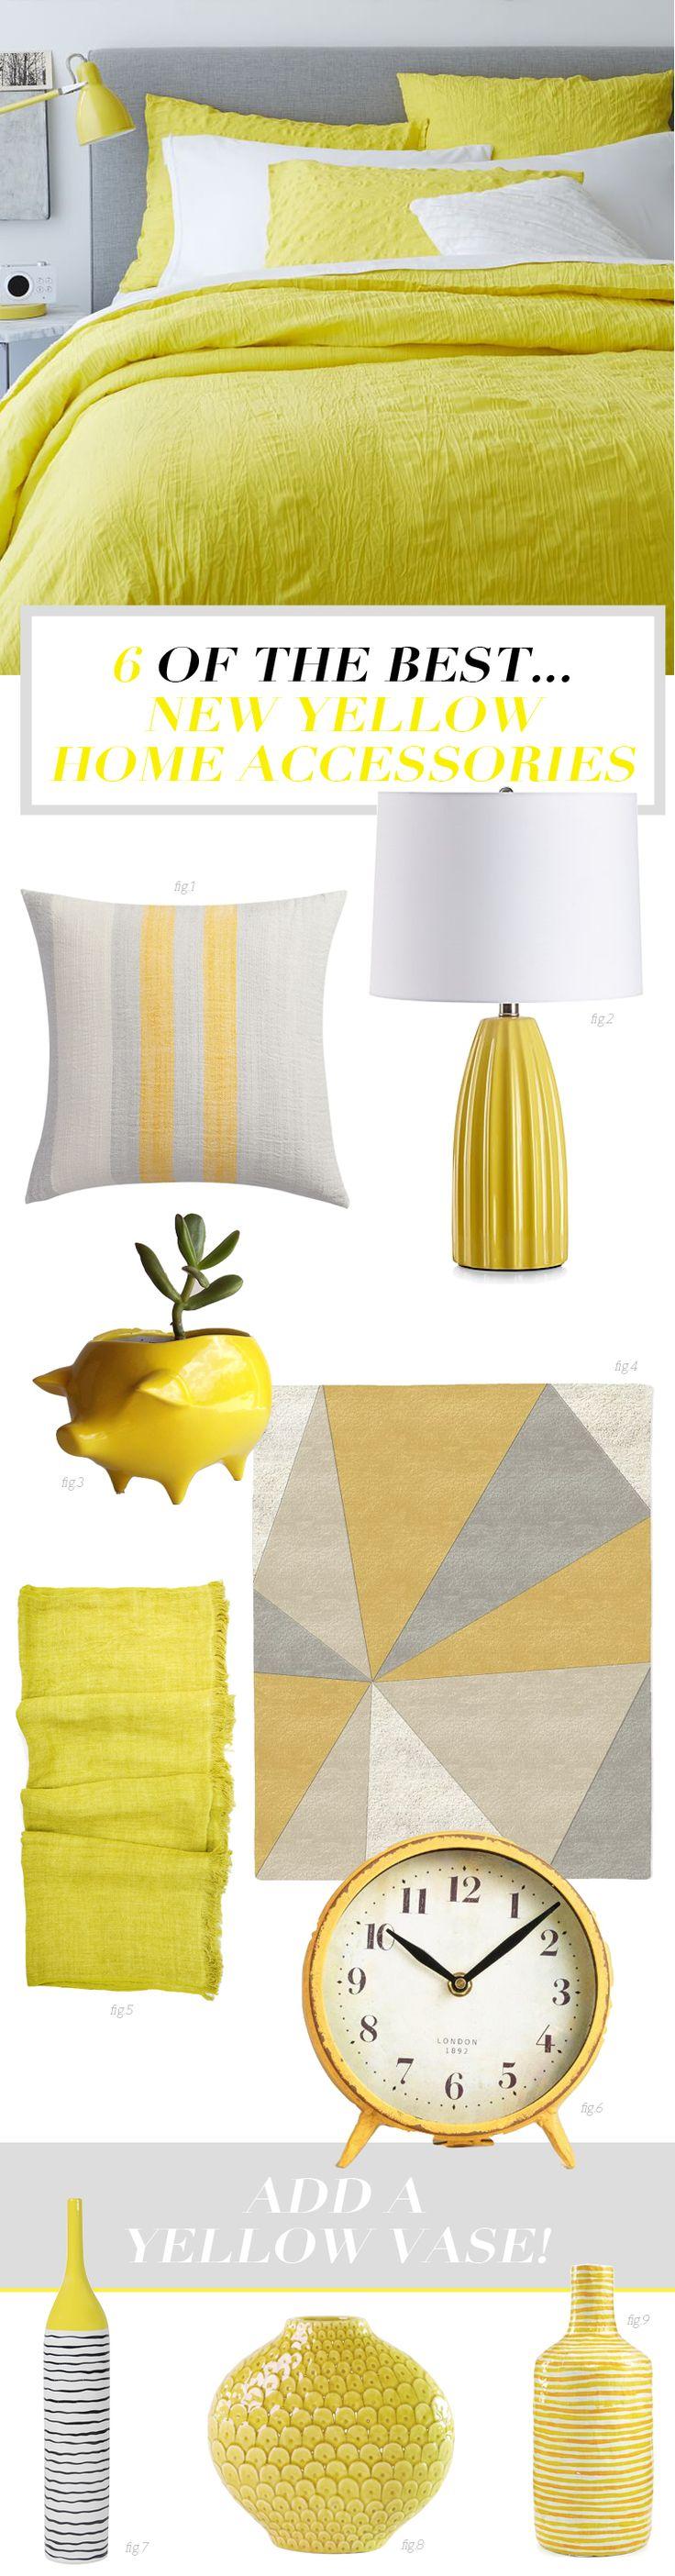 více než 25 nejlepších nápadů na pinterestu na téma yellow home